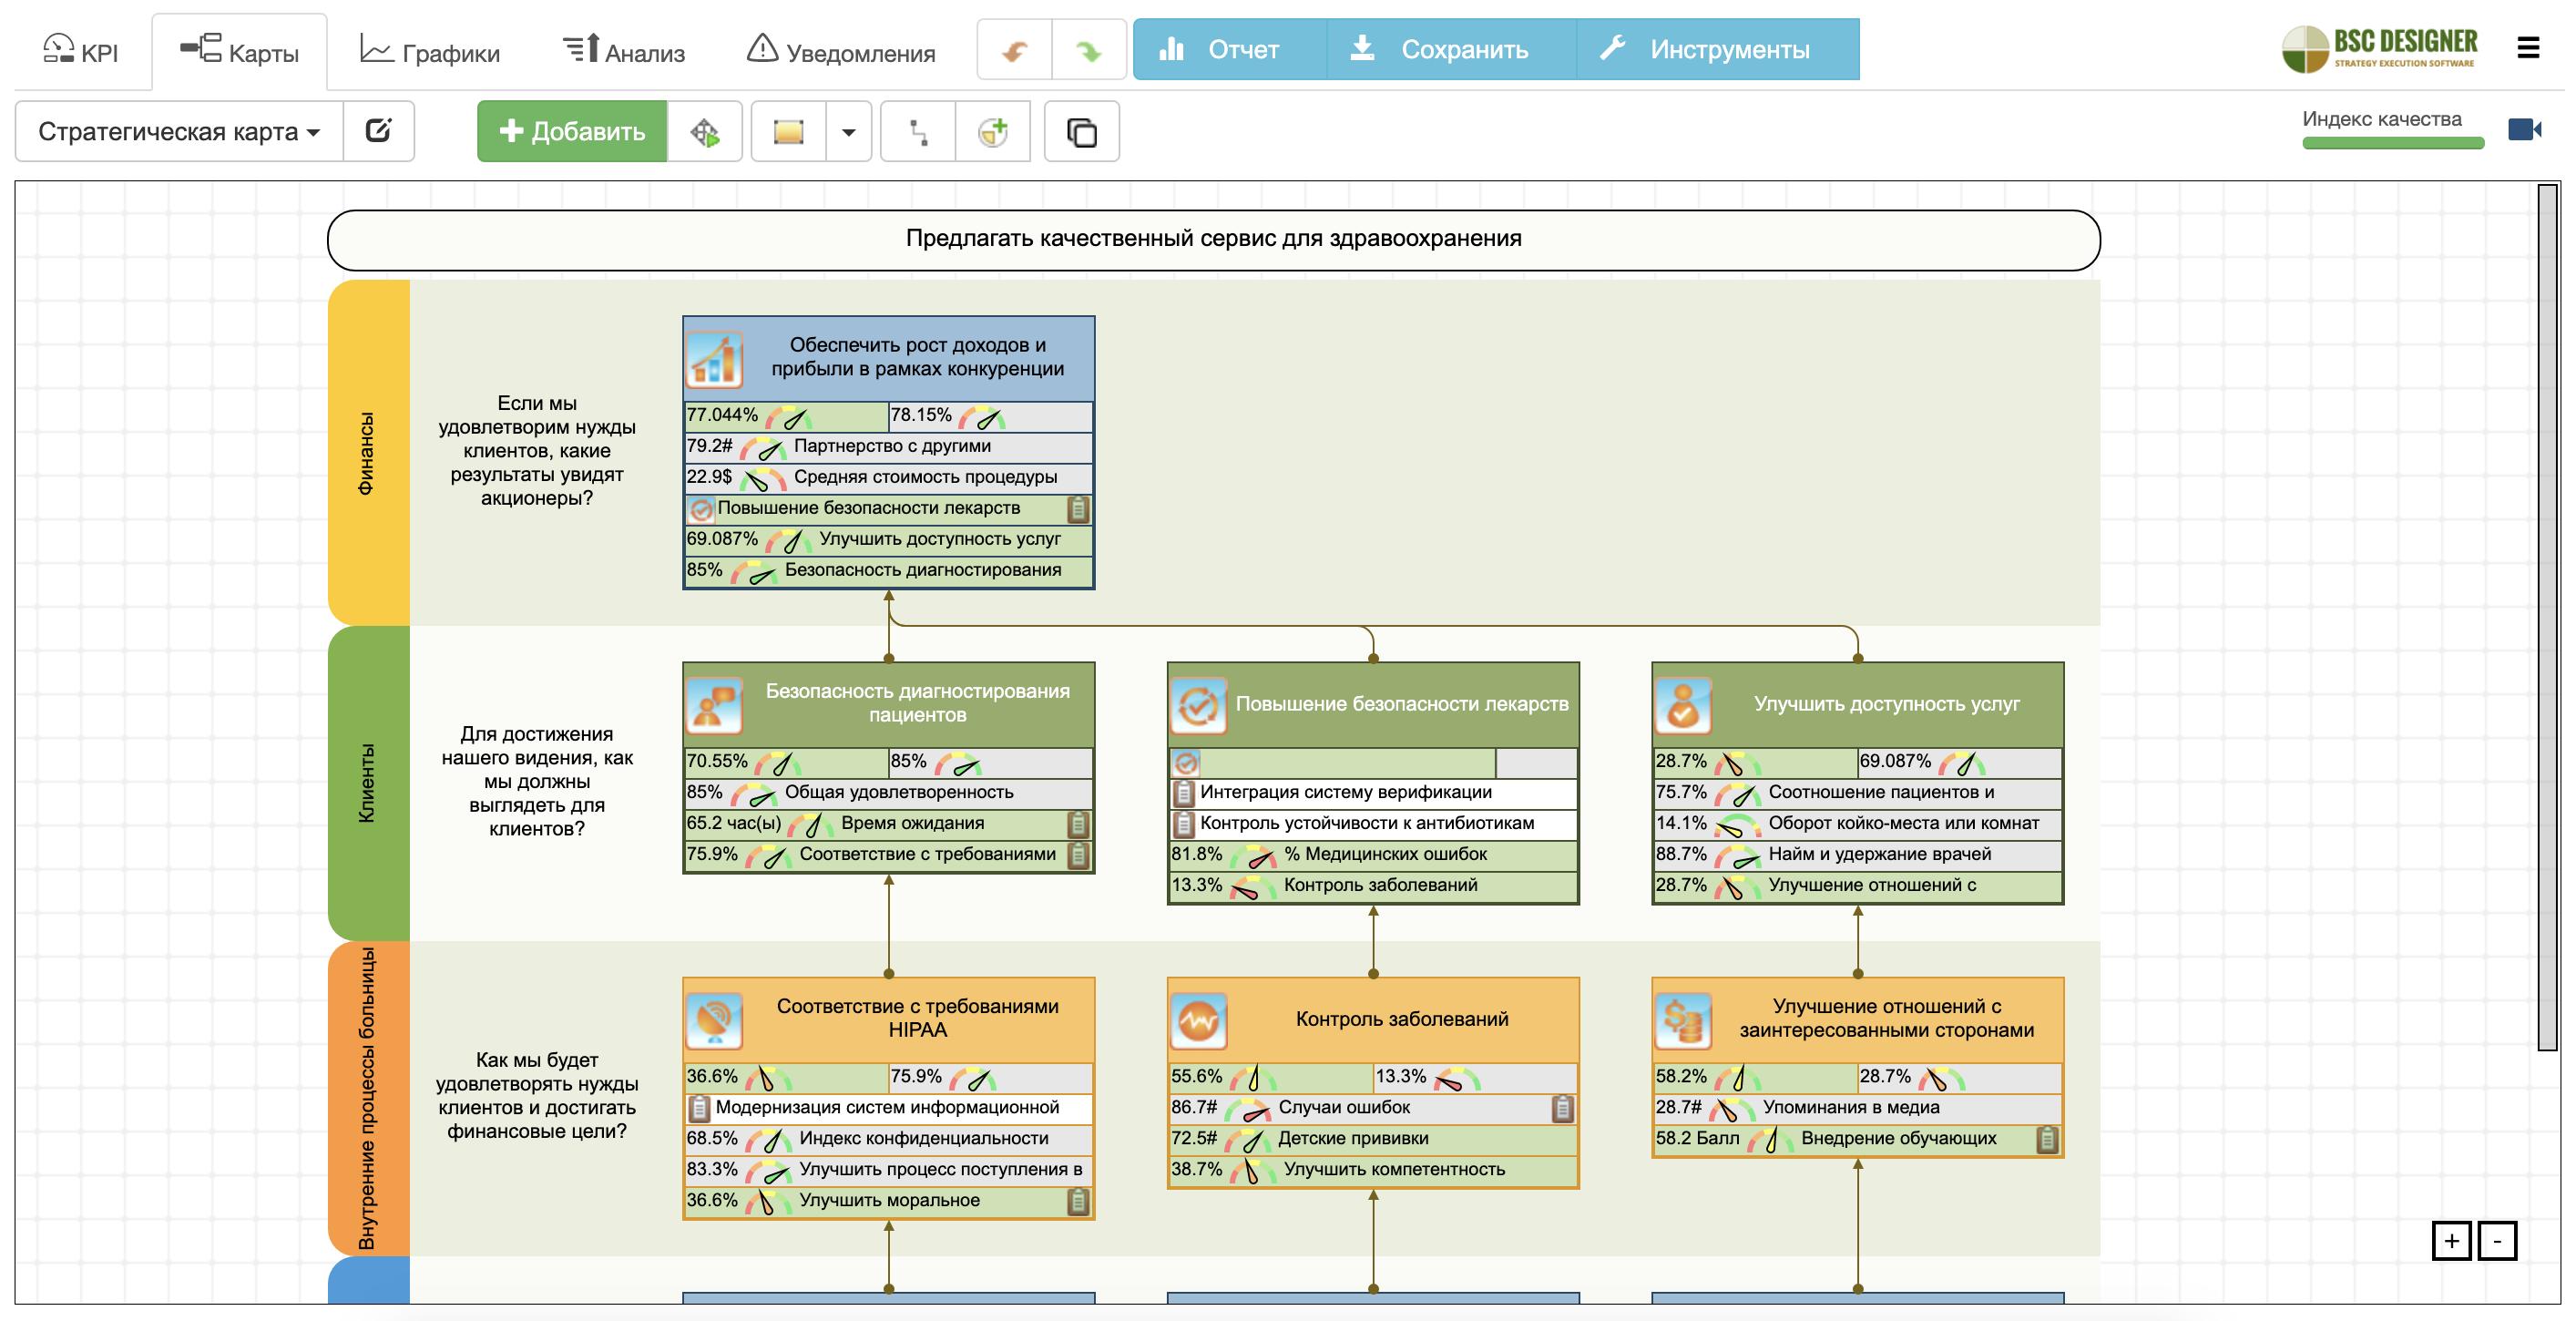 Примеры стратегических карт ССП для больниц